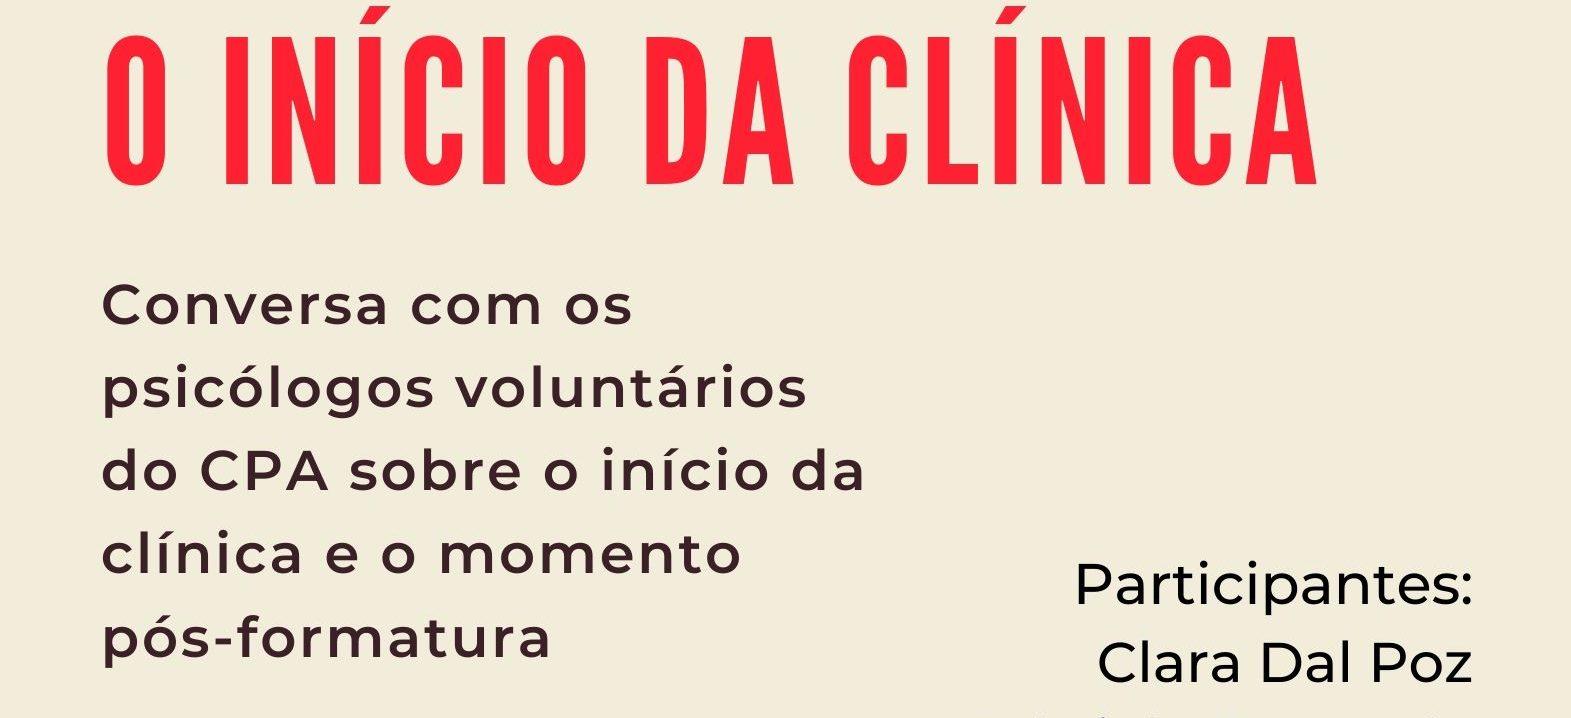 O Início da Clínica: Conversa com os psicólogos voluntários do CPA sobre o início da clínica e o momento pós-formatura